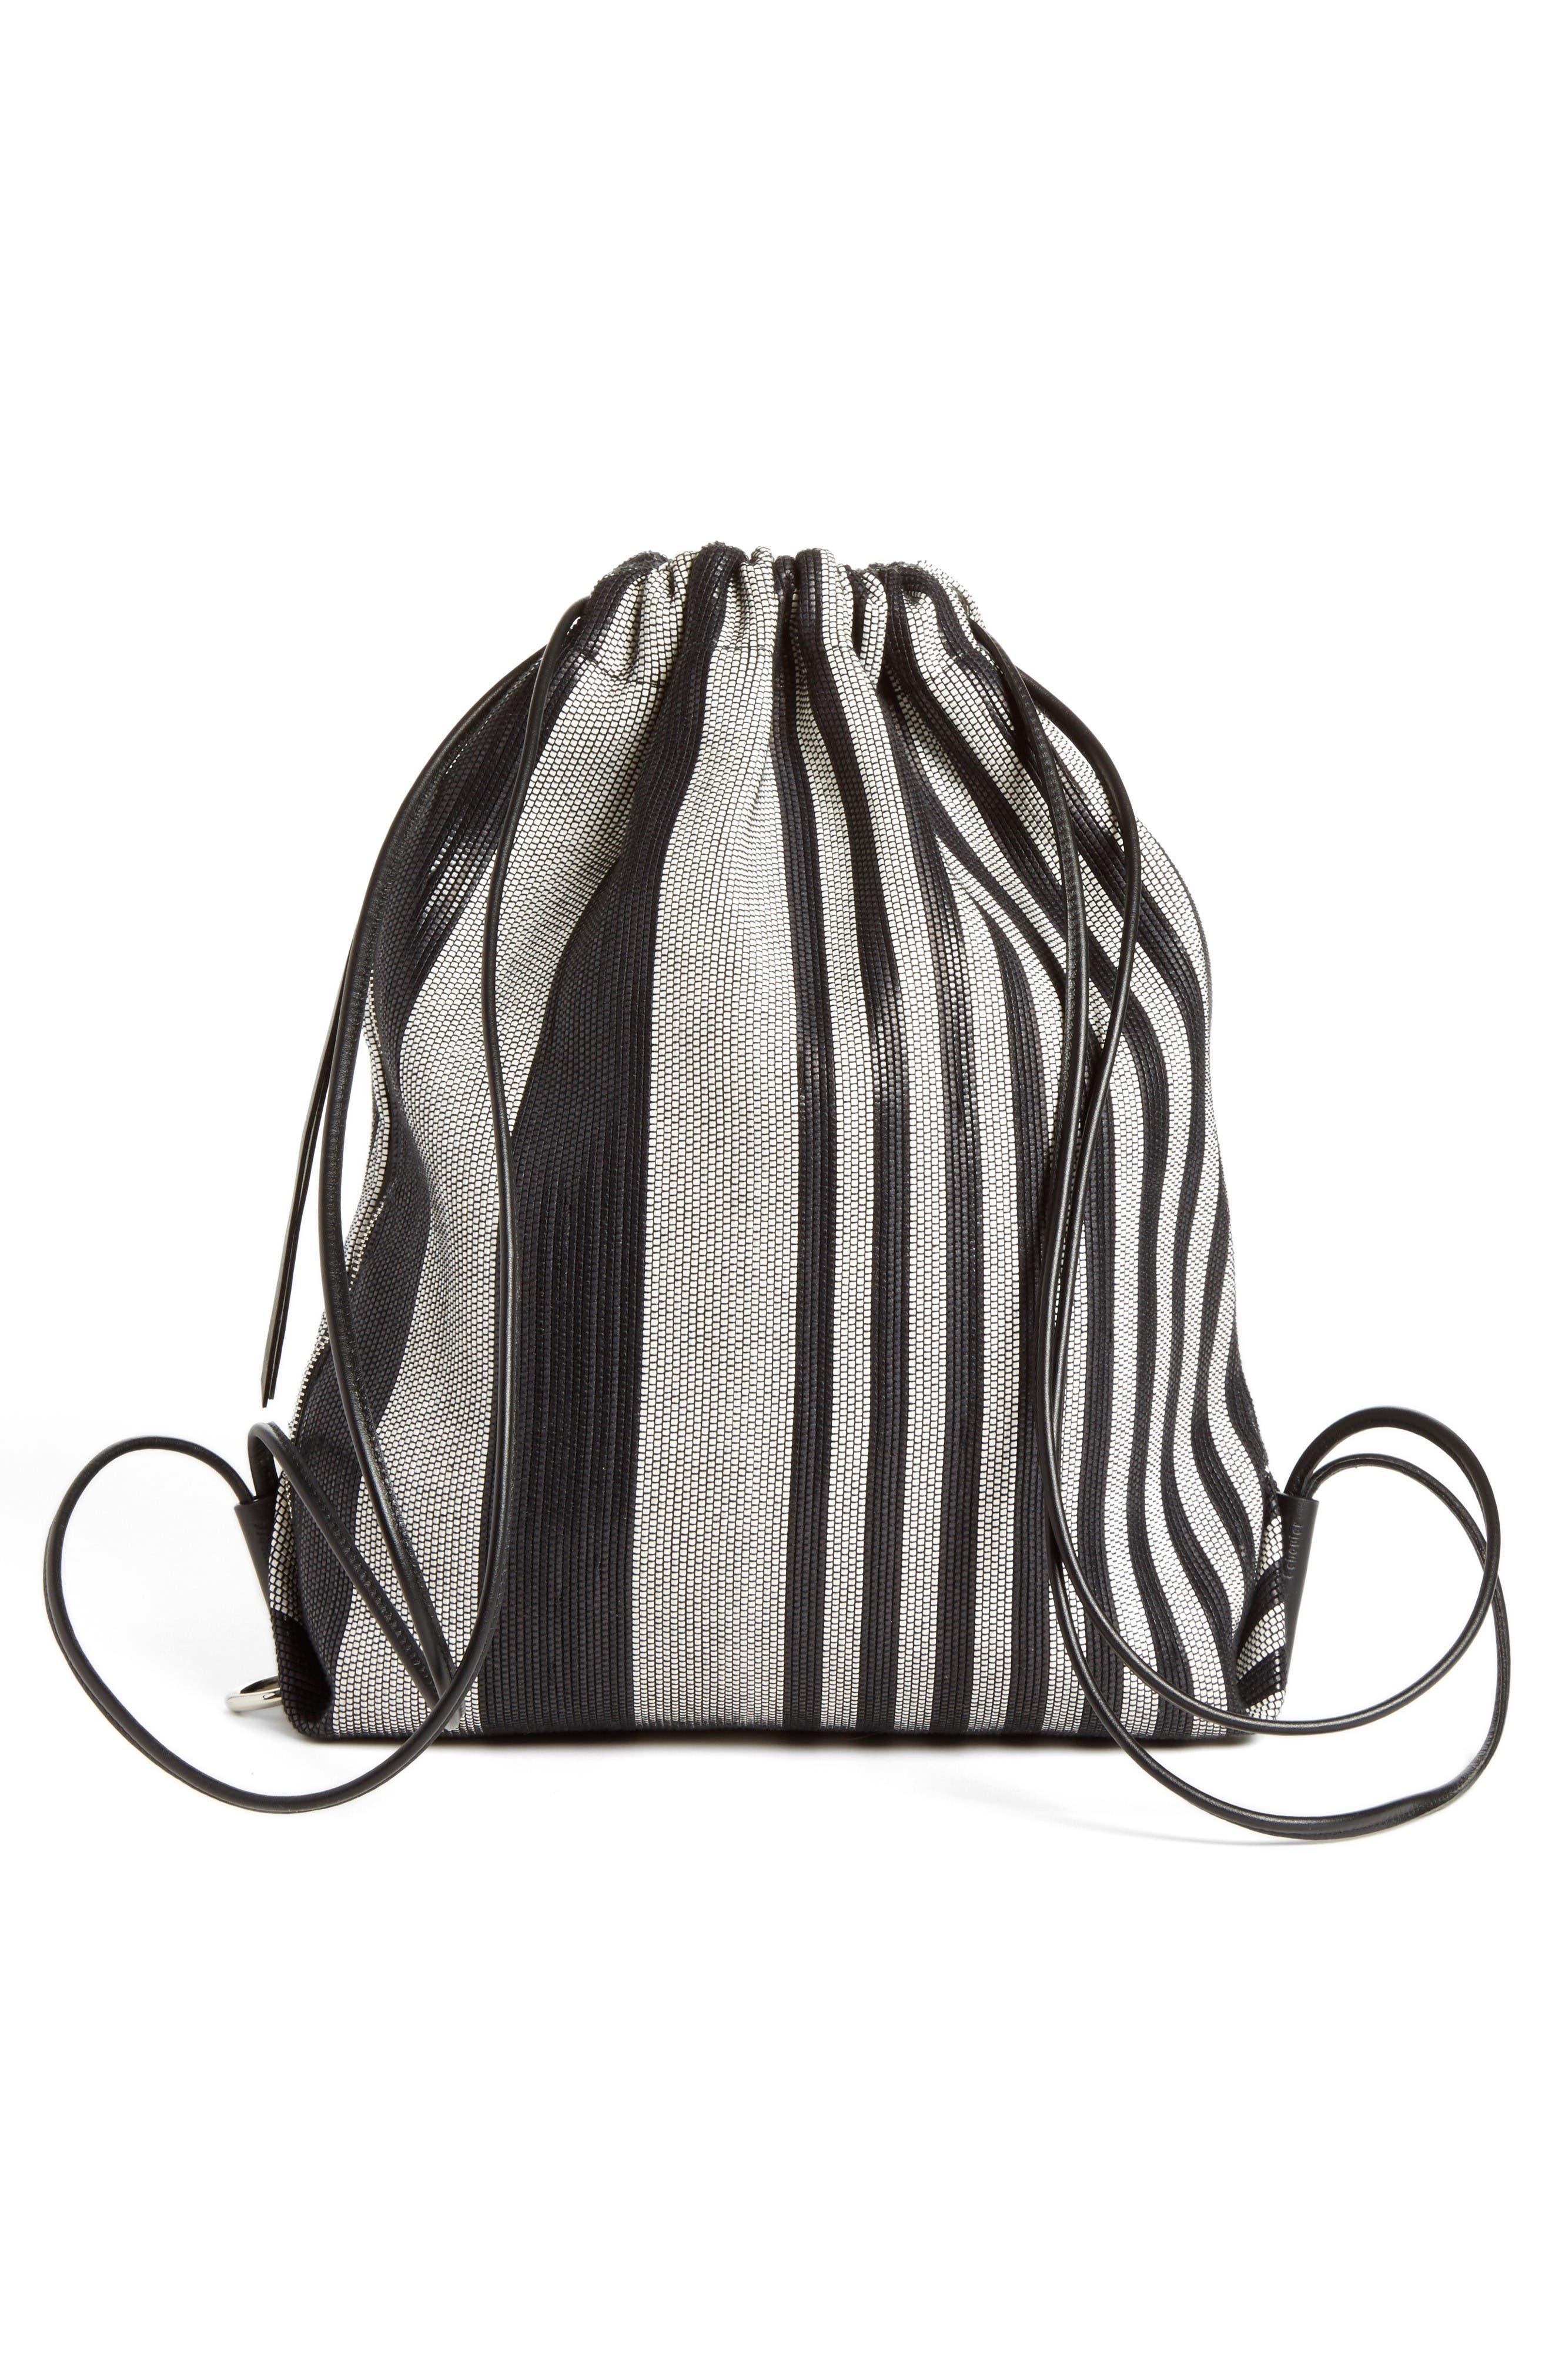 Drawstring Backpack,                             Alternate thumbnail 2, color,                             Black/White